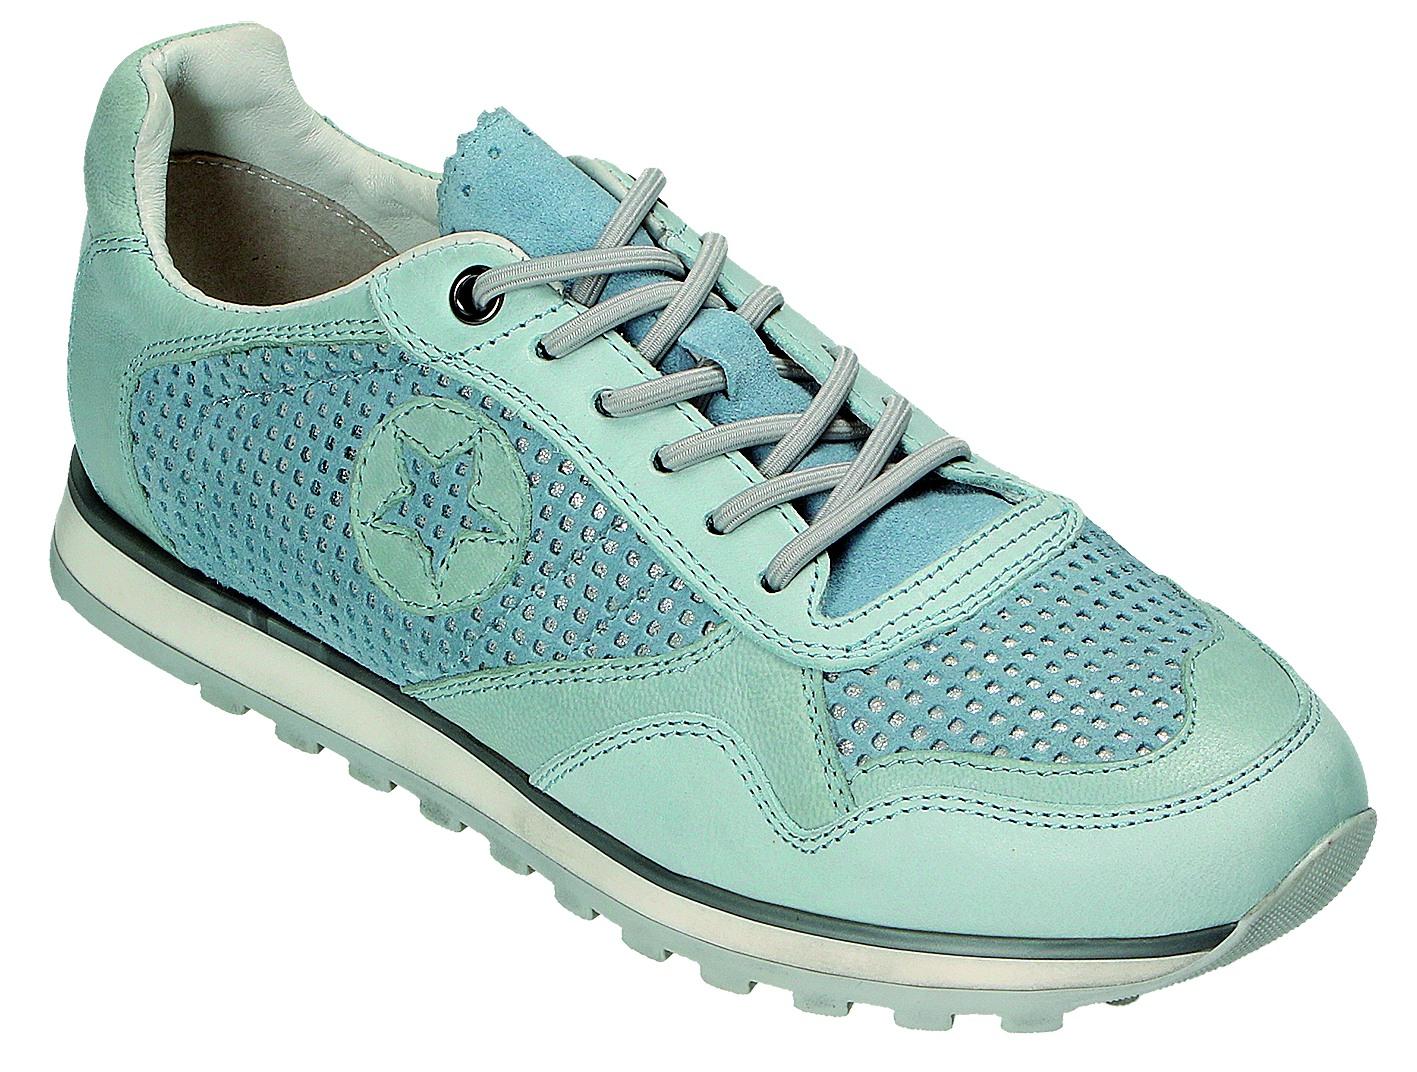 Damenschuhe Plateau Turnschuhe Glitzer Sneaker Runners